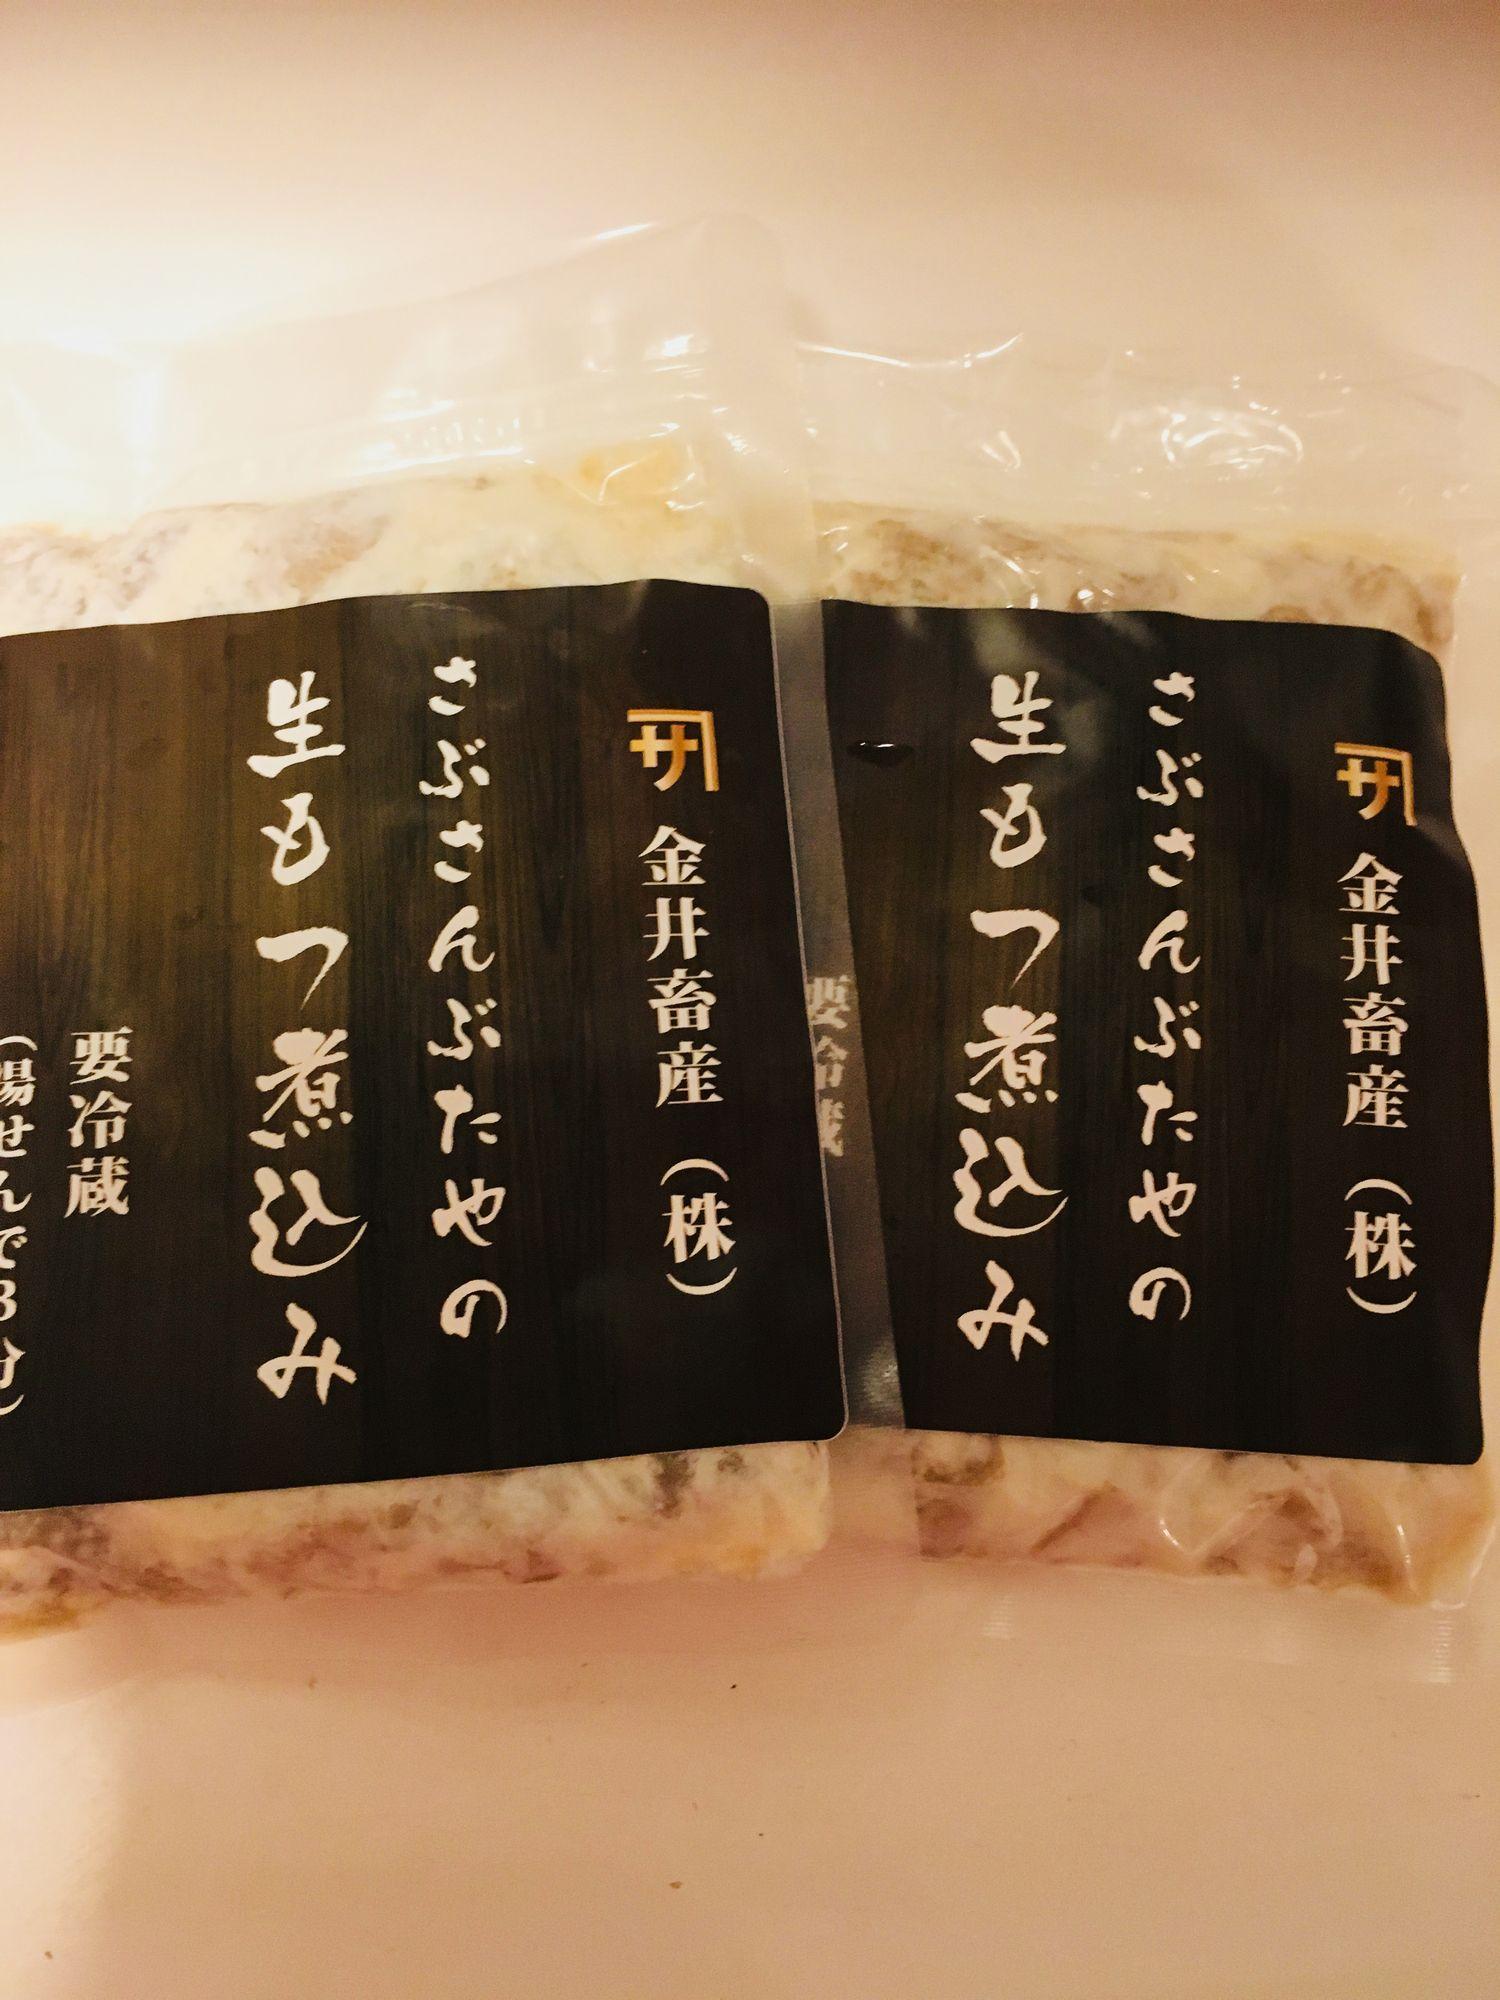 【武蔵村山市】今すぐ行ってみて!!金井畜産様 ショッピングサイト制作☆